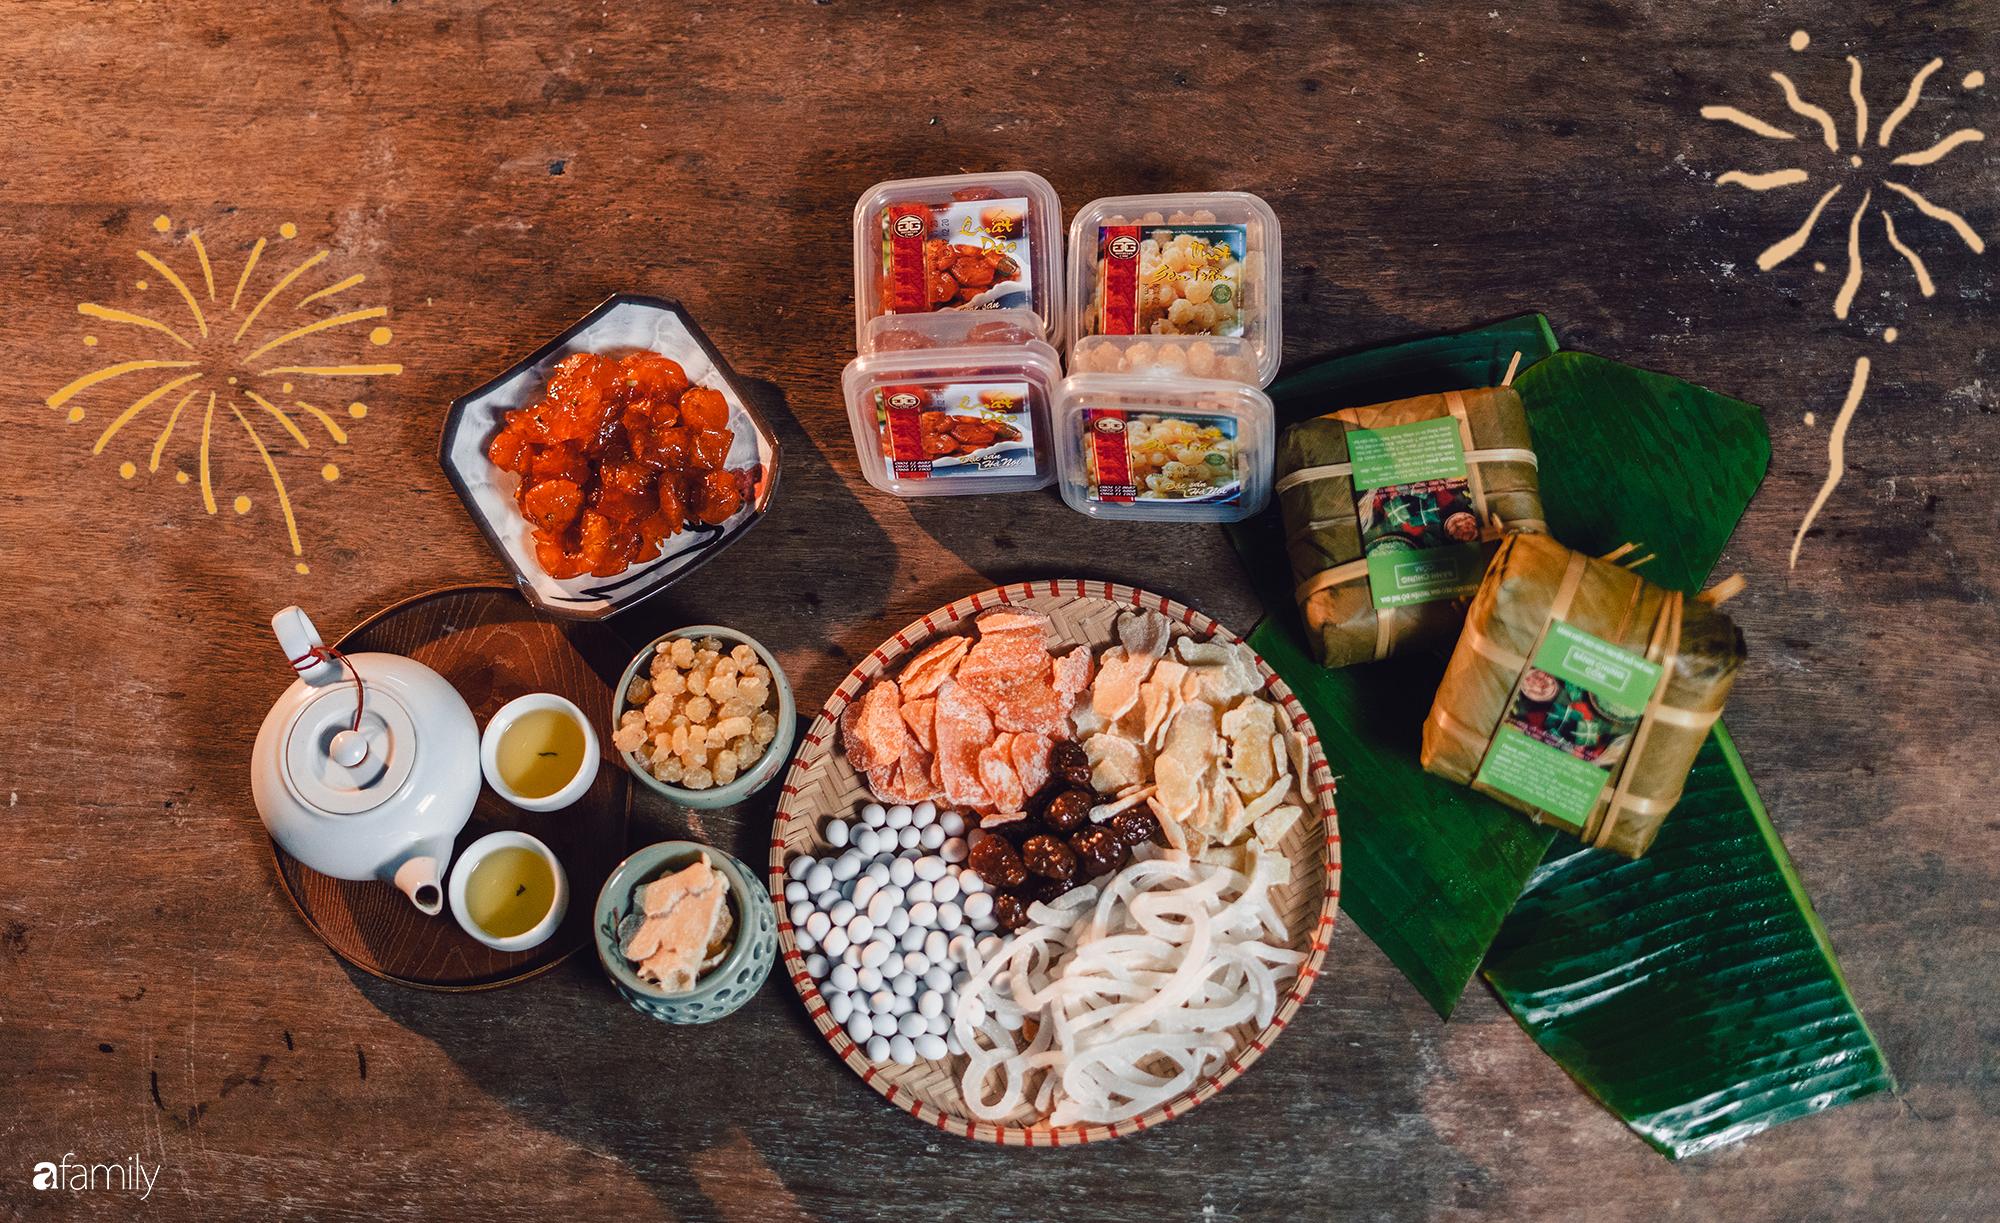 Gia tộc hơn 100 năm làm mứt Tết truyền thống ở Hà Nội: Ăn mứt phải ăn cái thật chất chứ không dùng bao bì hào nhoáng che đậy ẩm thực xoàng xĩnh - Ảnh 5.